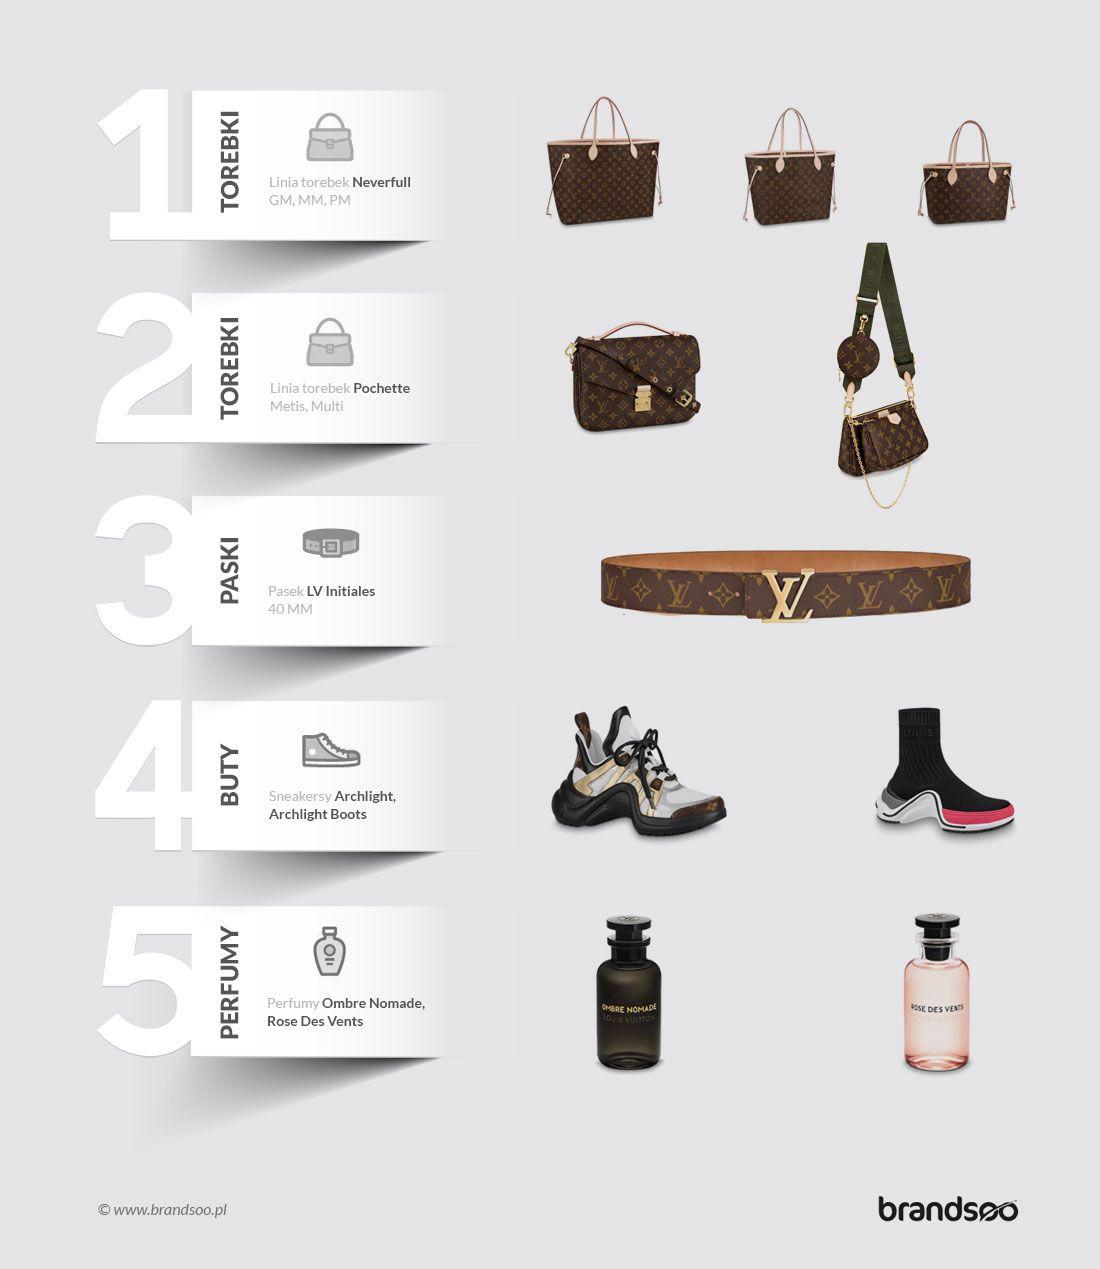 Najpopularniejsze / Najczęściej wyszukiwane produkty Louis Vuitton w Polsce